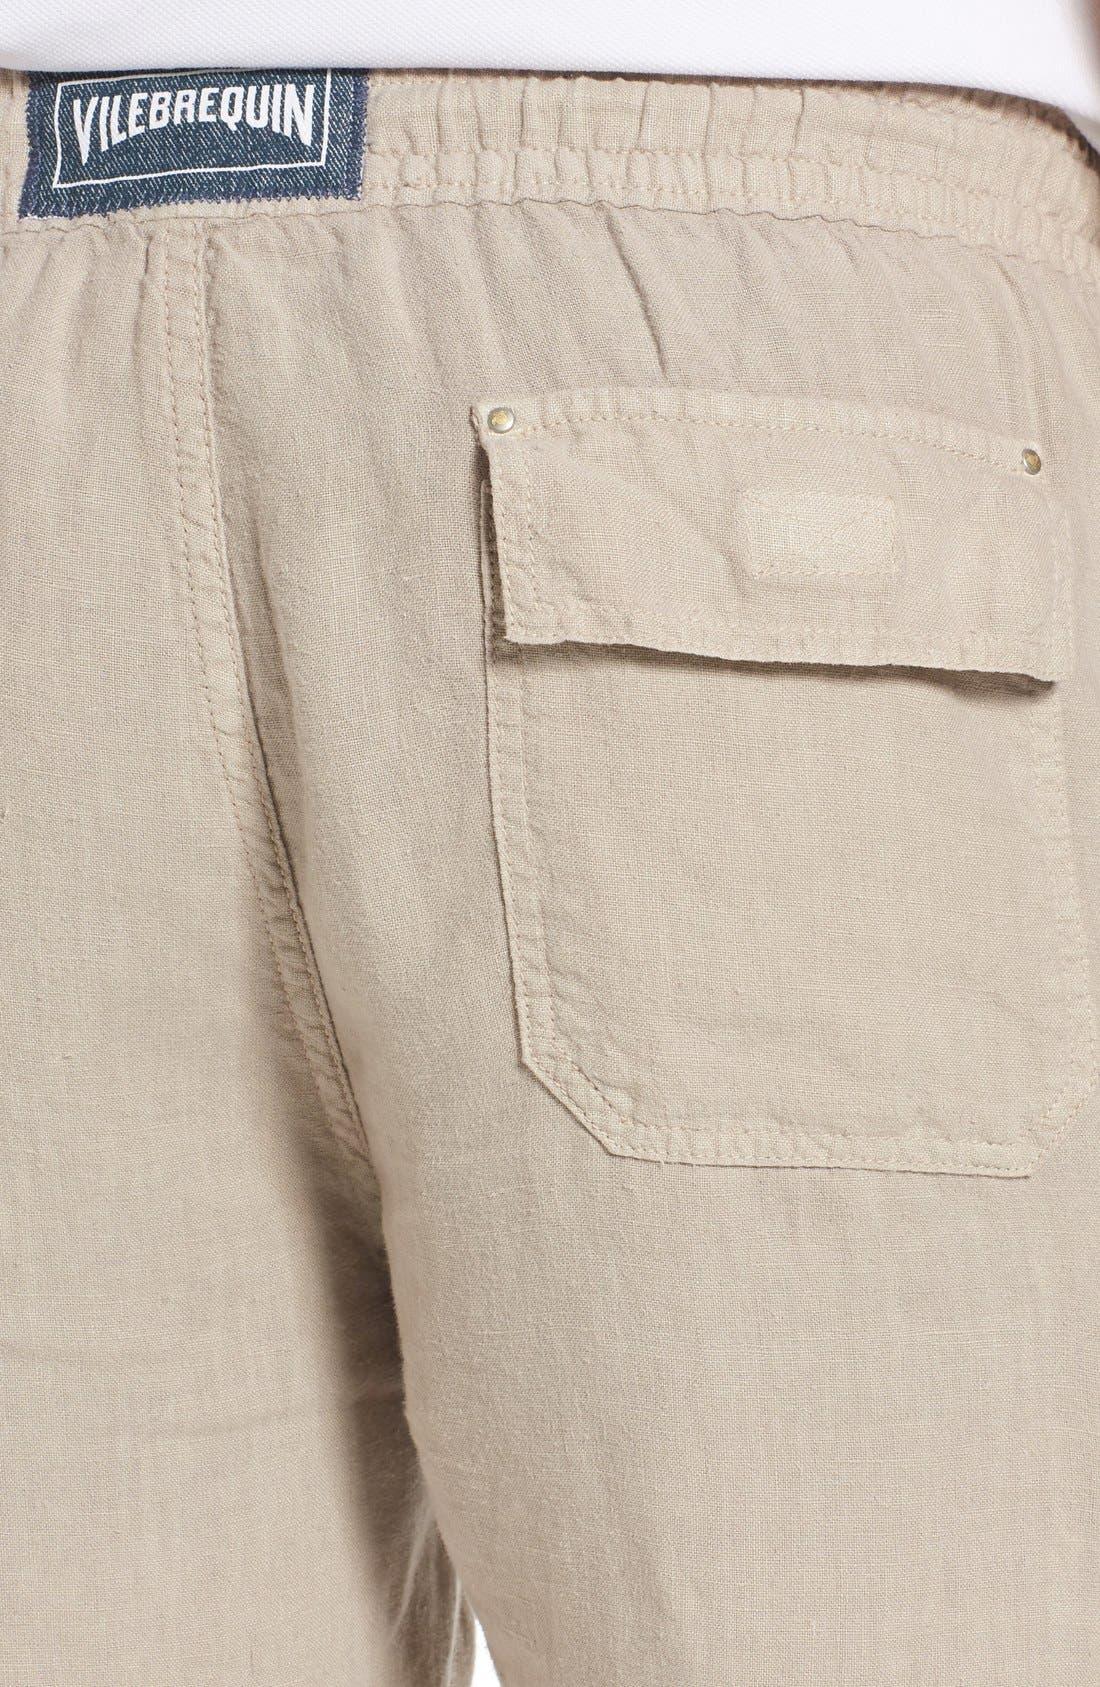 Vilbrequin Linen Cargo Shorts,                             Alternate thumbnail 4, color,                             Jute